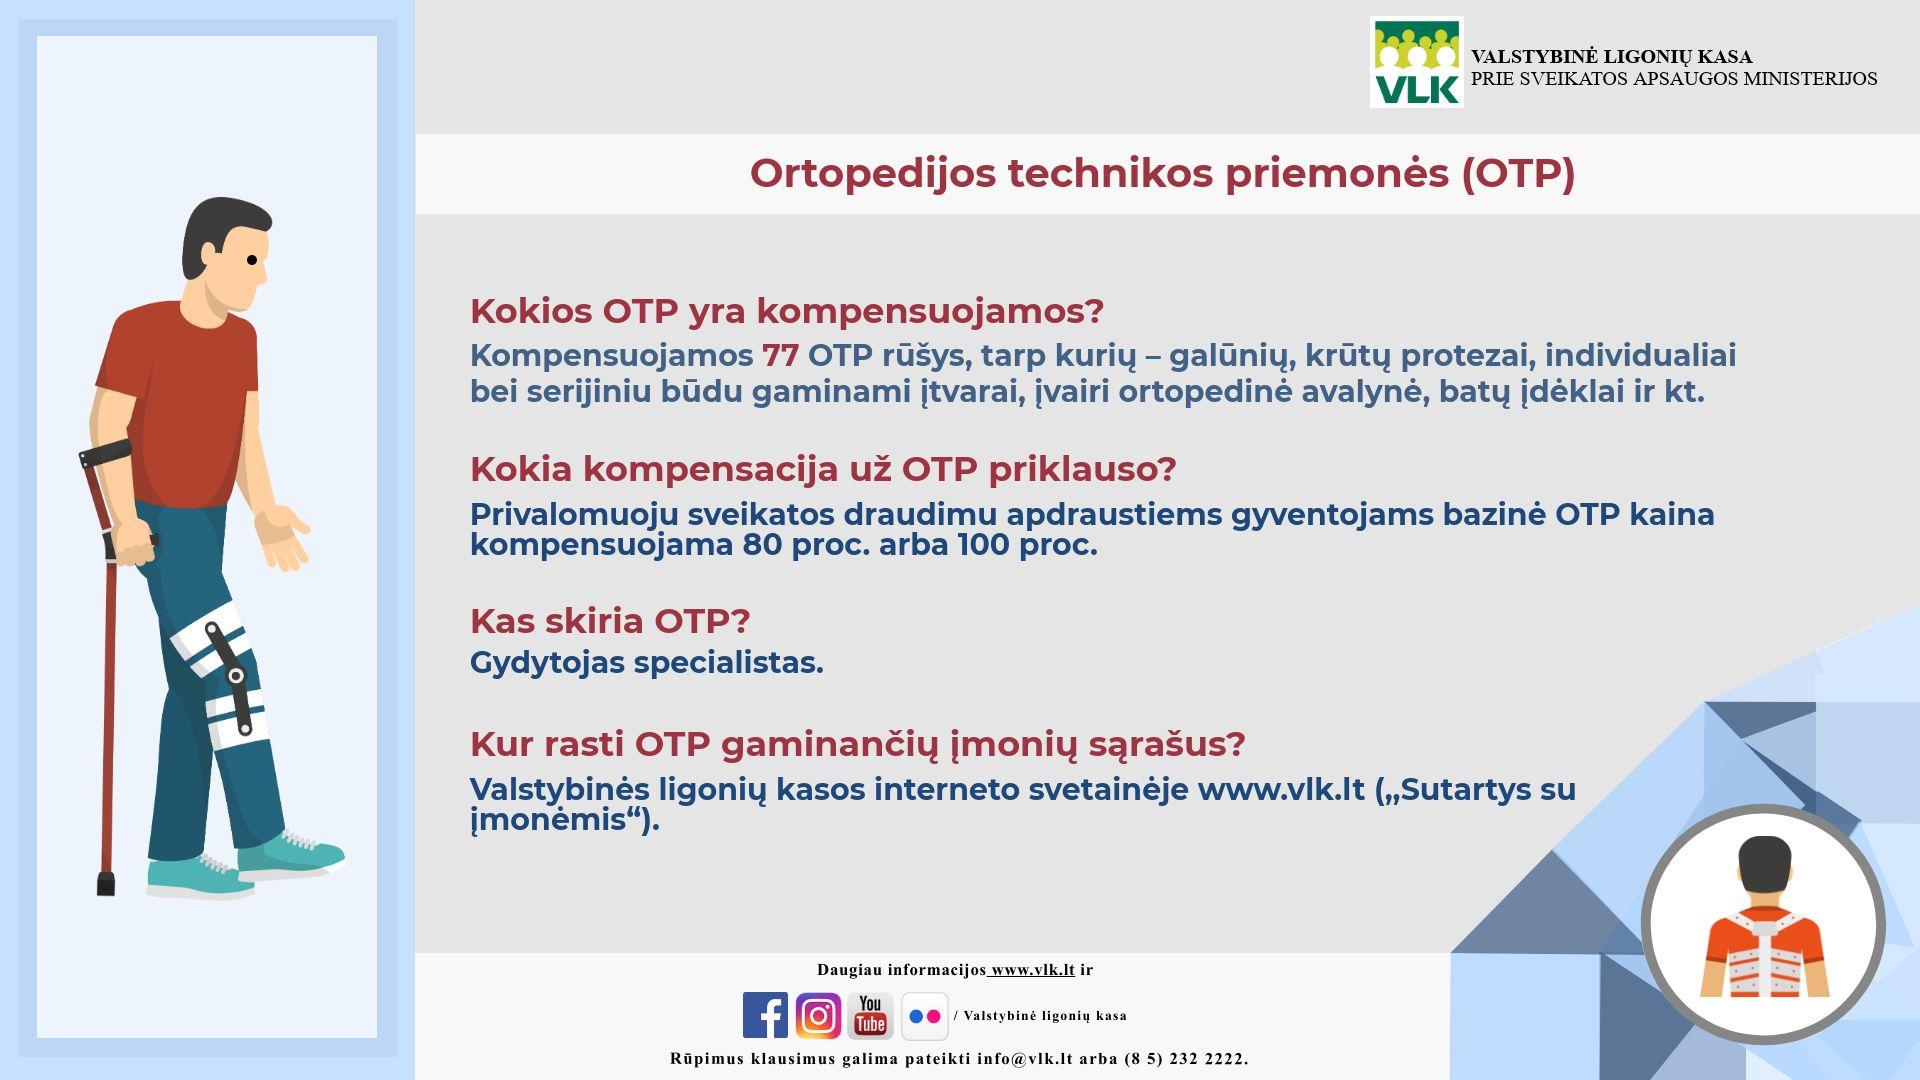 Ortopedijos technikos priemonės (OTP) kokių prireikia daugiausia   VLK nuotr.